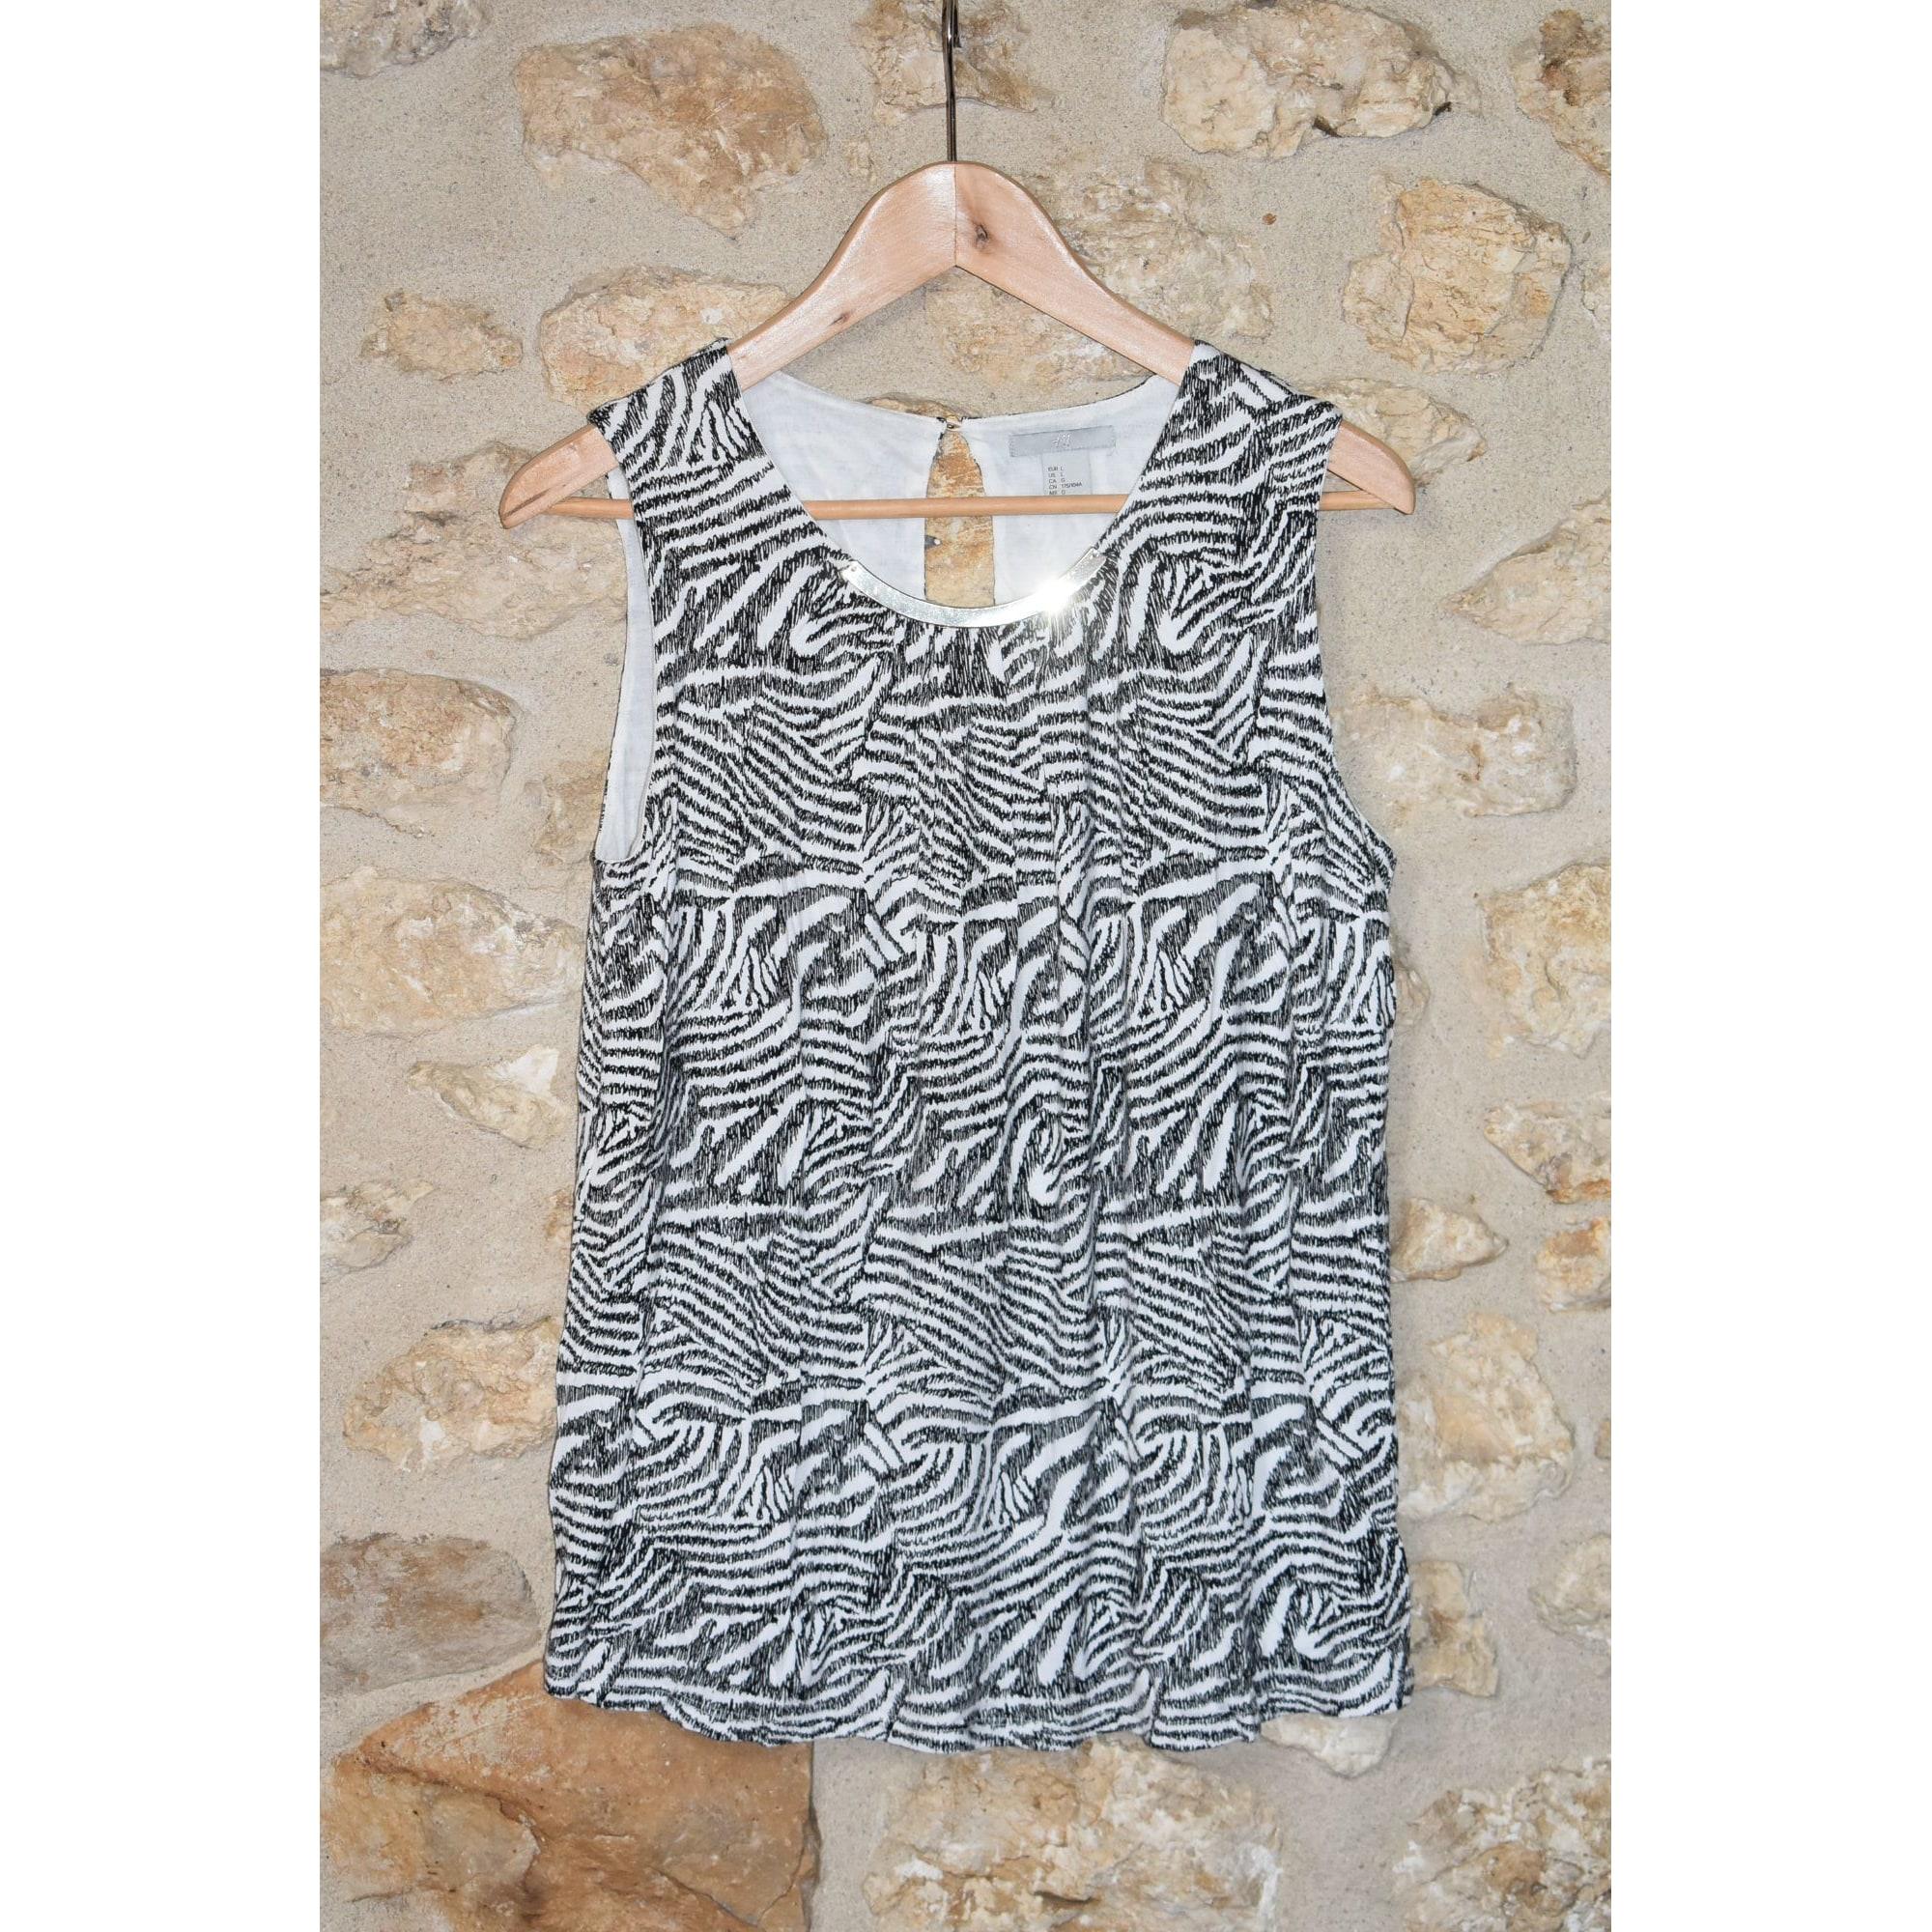 Top, tee-shirt H&M Imprimés animaliers